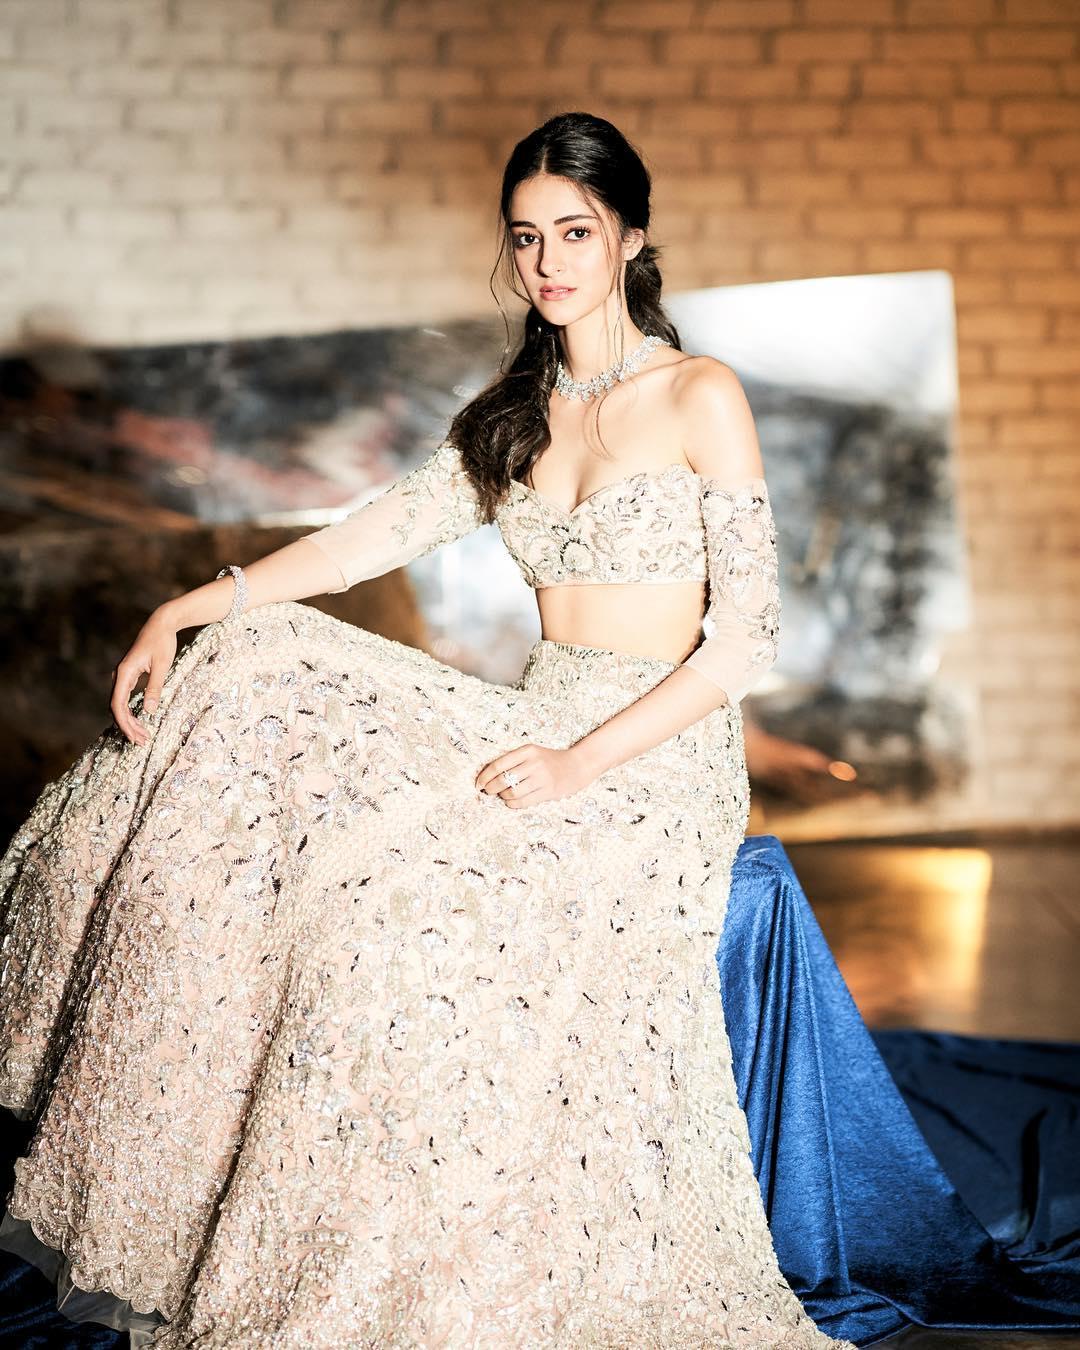 अभिनेत्री सोशल मीडिया पर सबसे ज्यादा चर्चित सेलिब्रिटी में से एक हैं और बॉलीवुड में डेब्यू से पहले ही सुर्खियों में छाई रहीं.